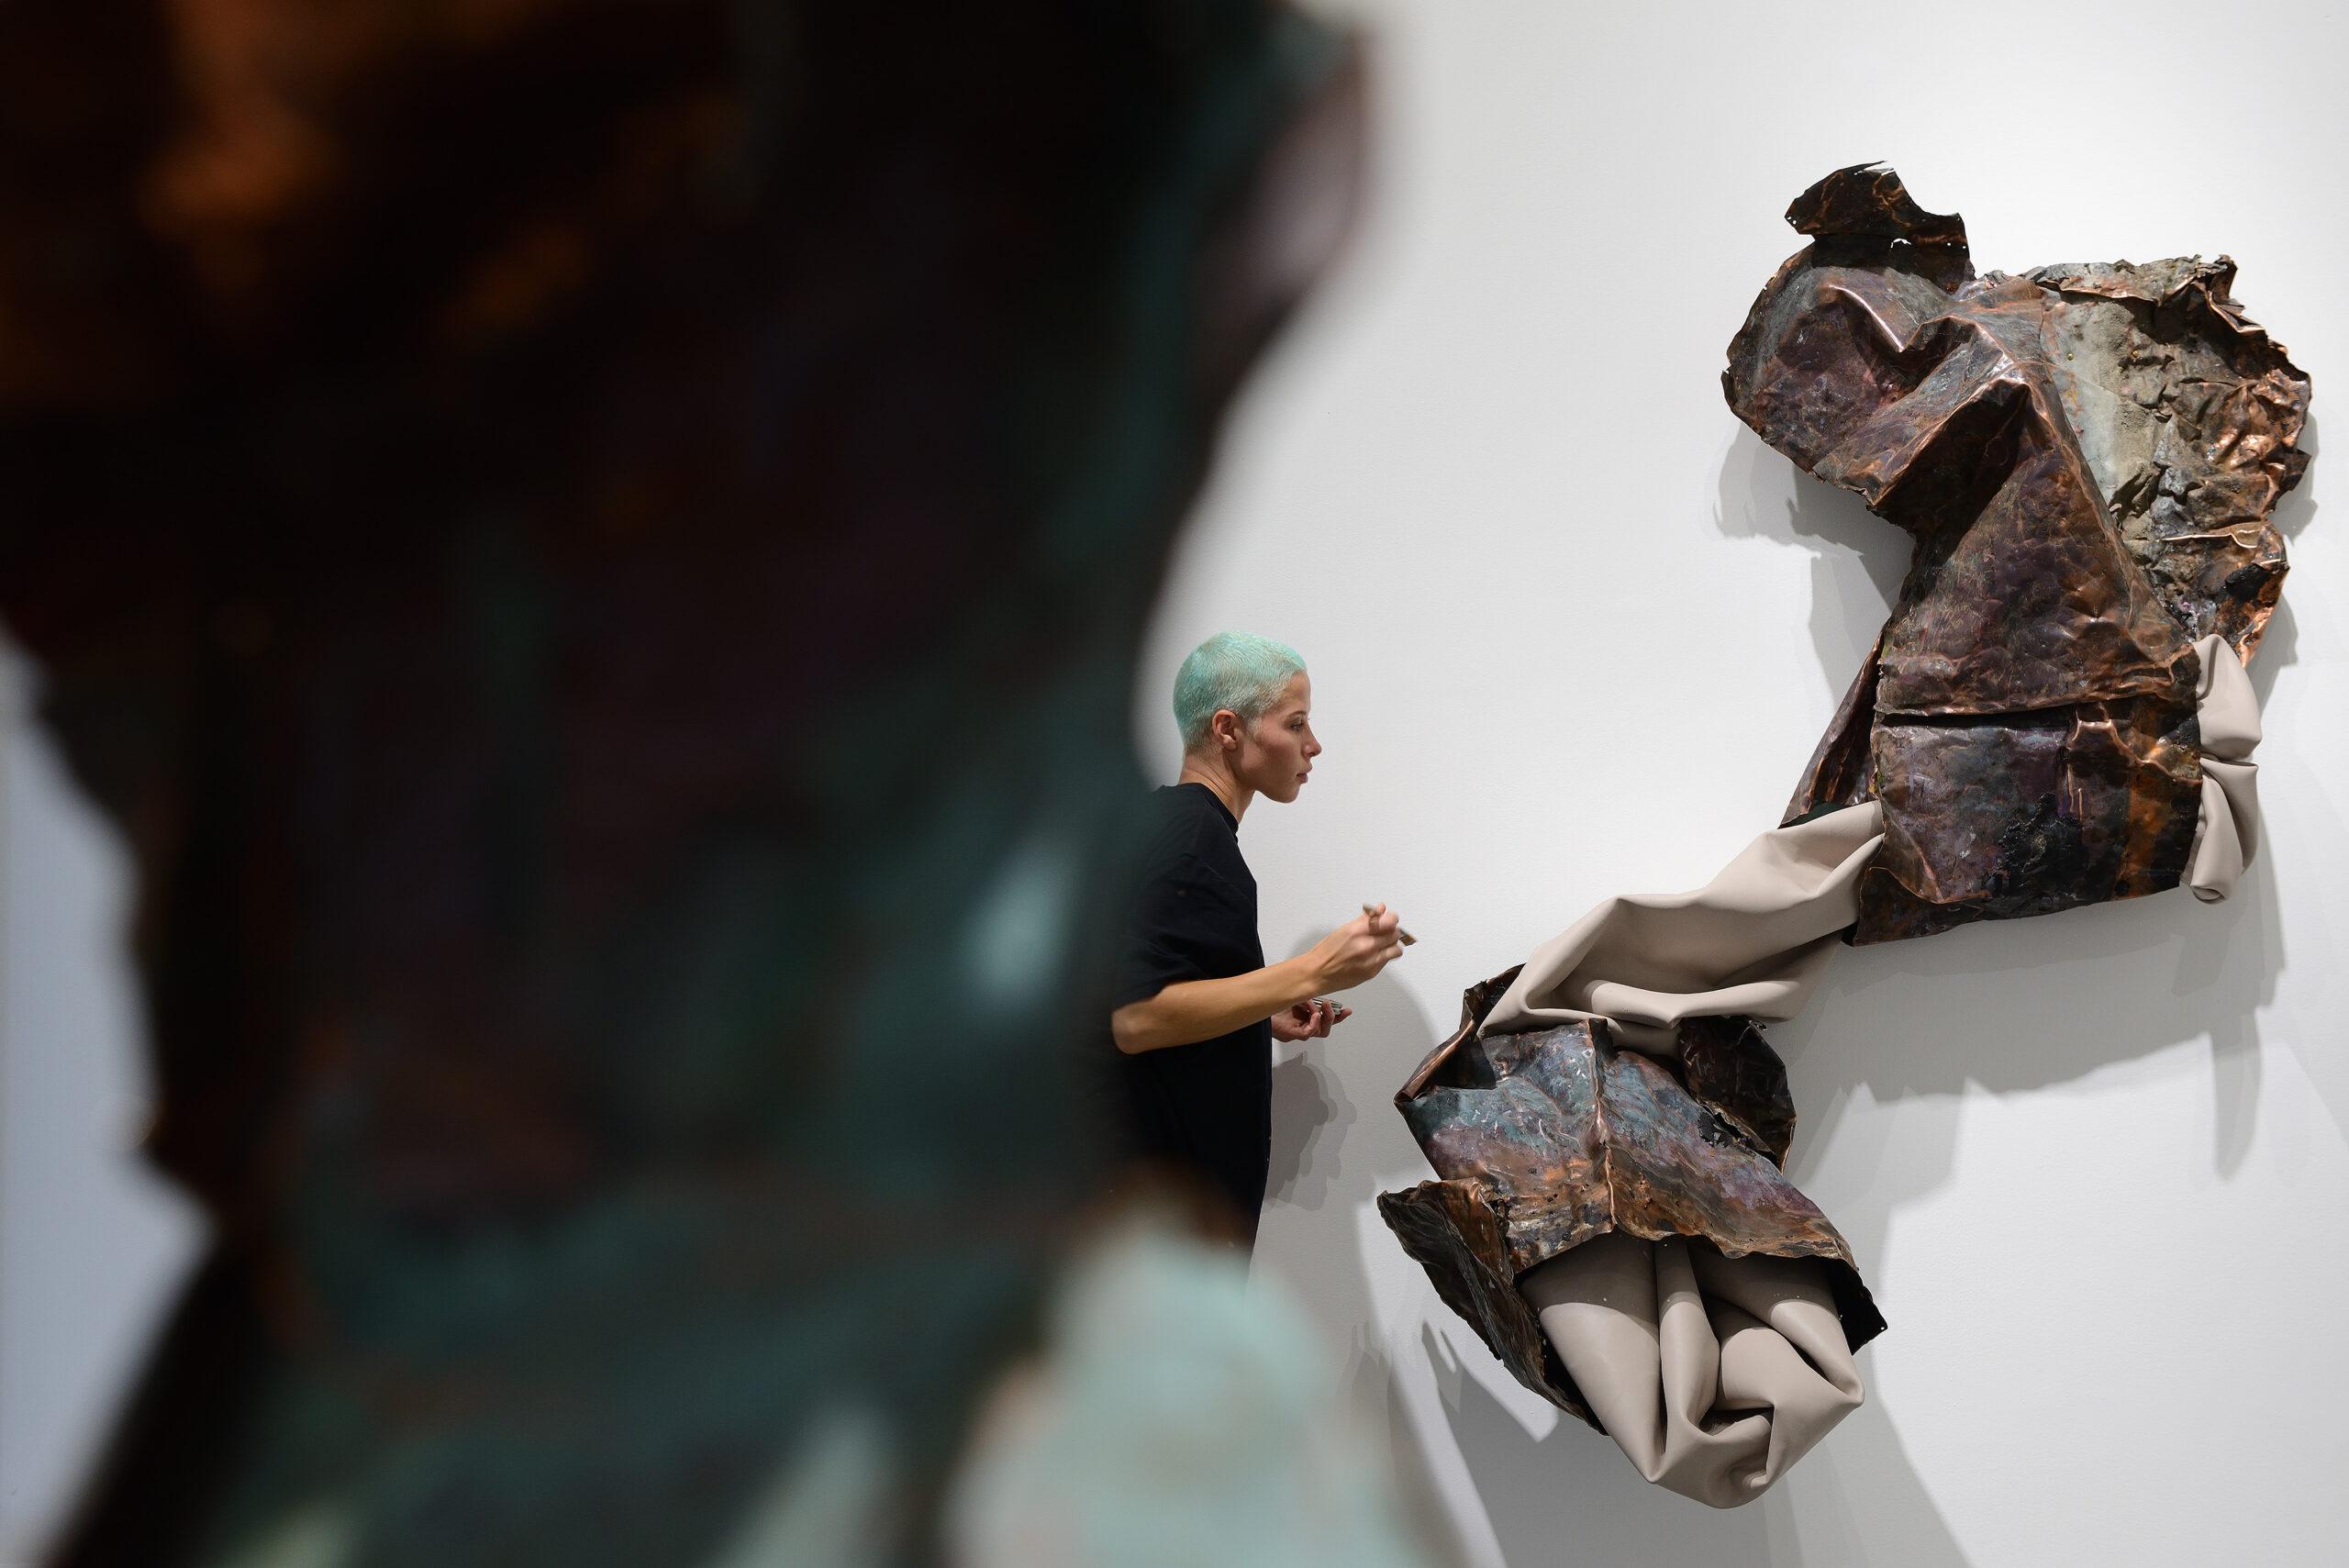 Sculture di idee e materia. L'astrazione di Kennedy Yanko in mostra alla Galleria Poggiali, Milano